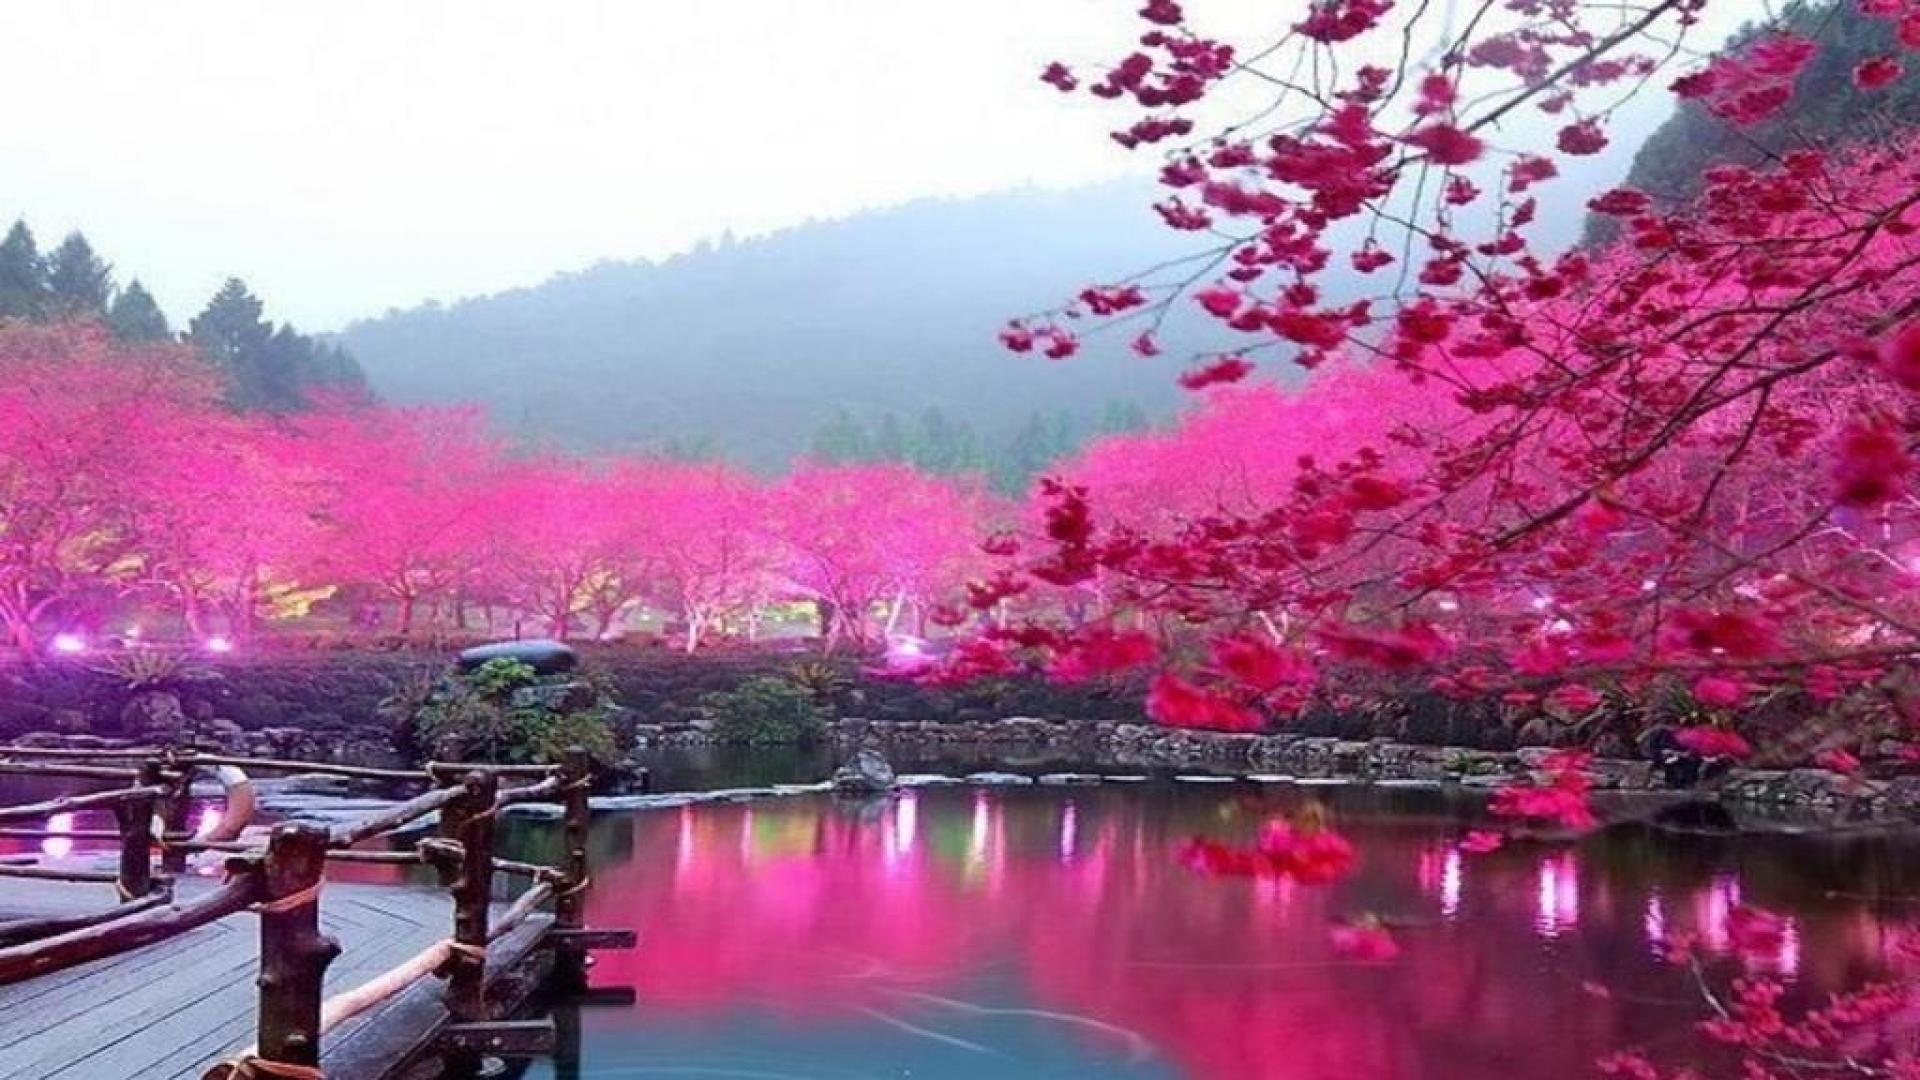 Japanese Cherry Blossom Garden Wallpaper Phone For Hd Wallpaper